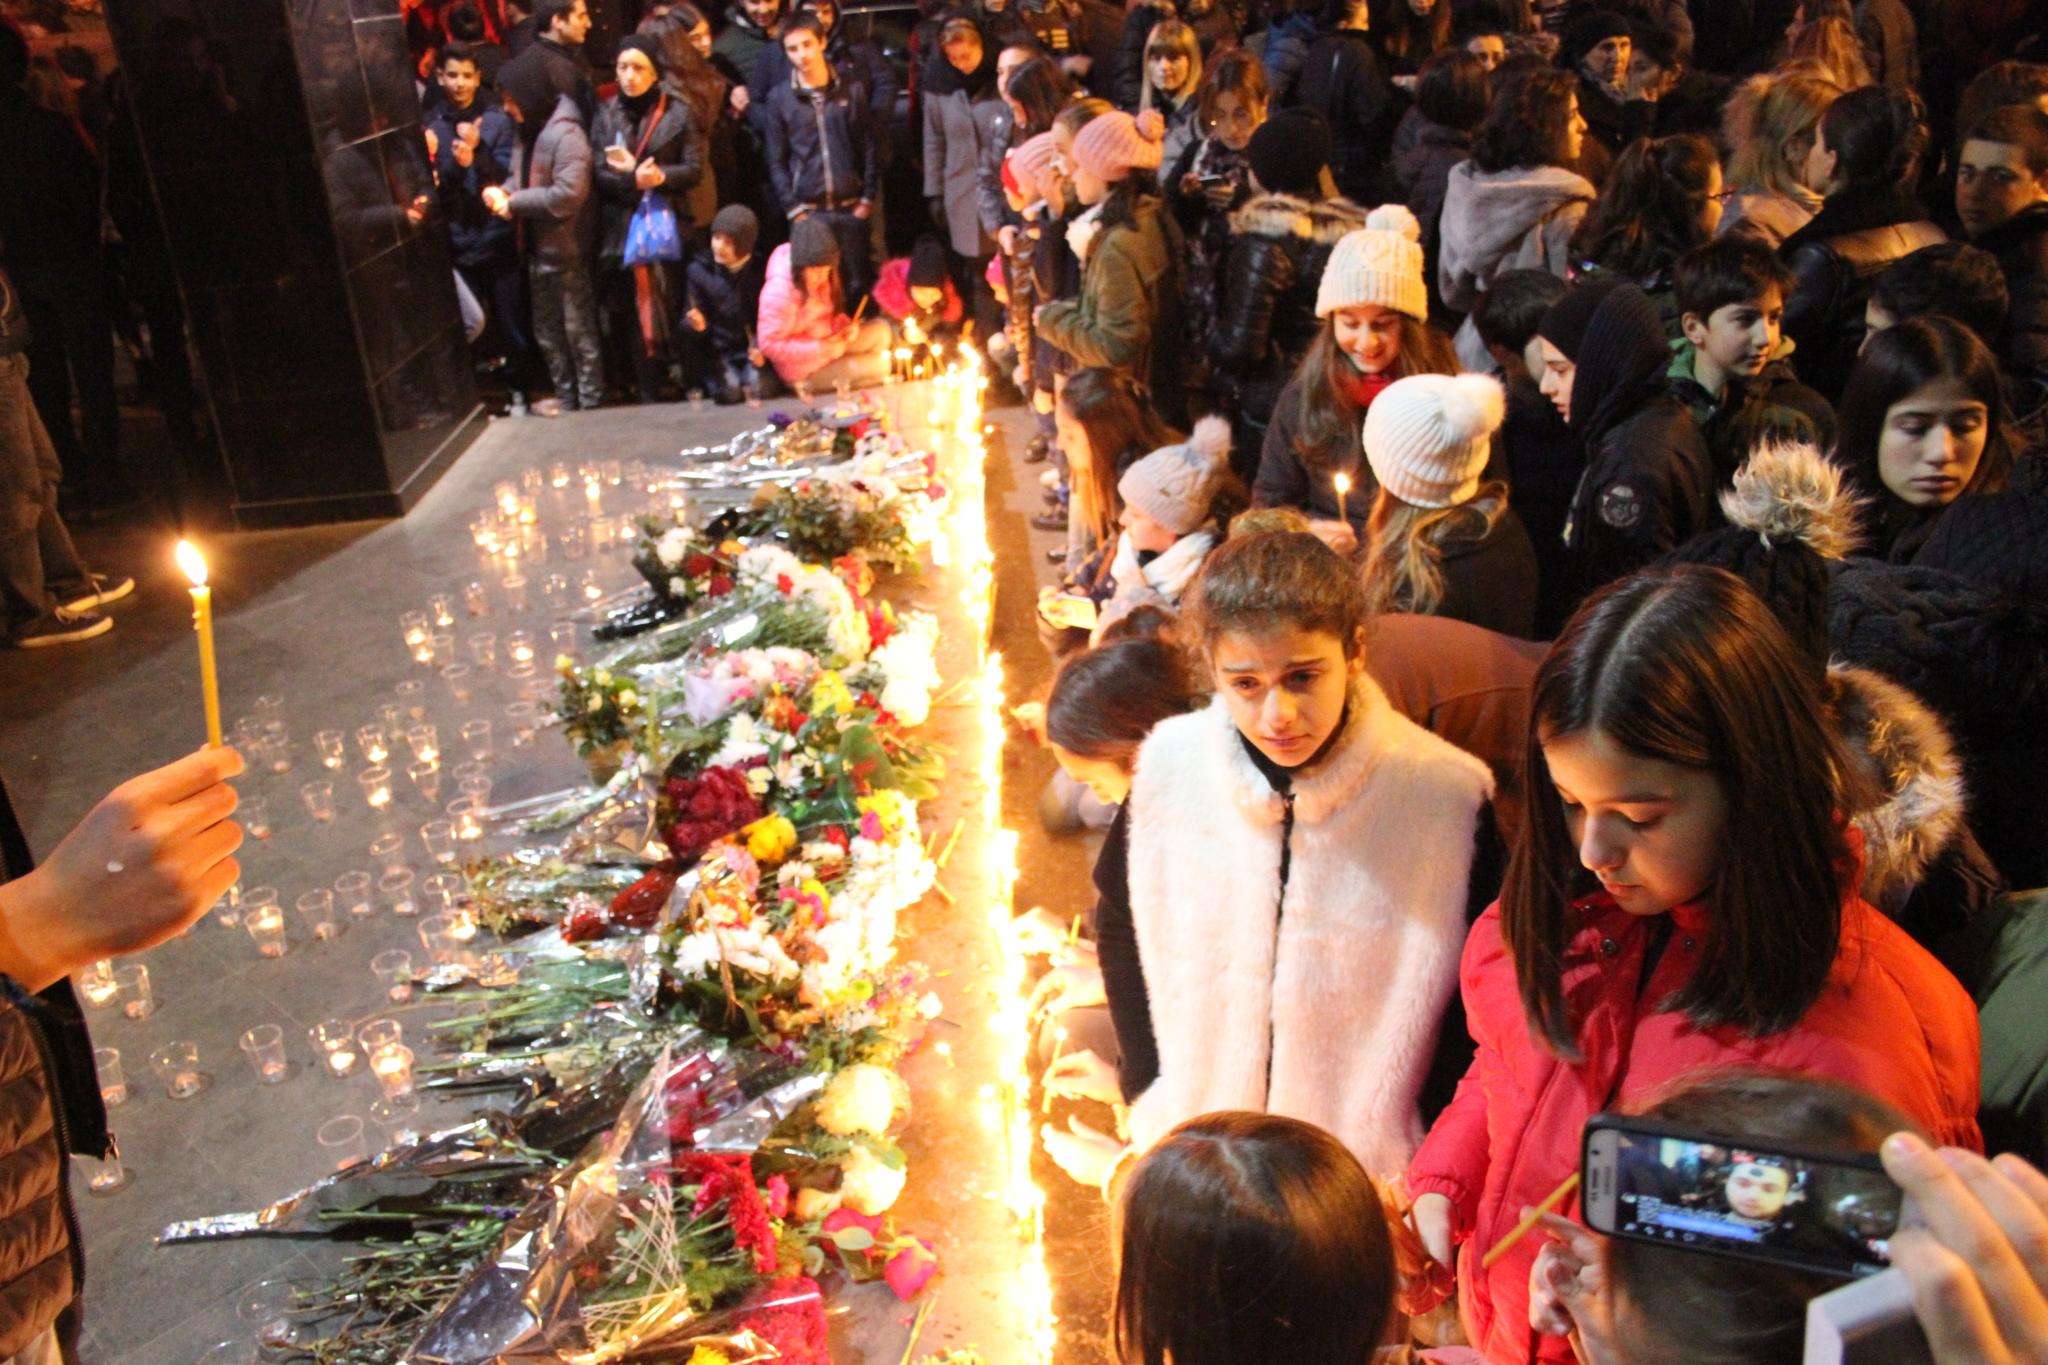 Акция в память об убитых учениках у школы #51. Фото: Леван Микадзе, JAMnews. Насилие в школах Грузии. Где выход?